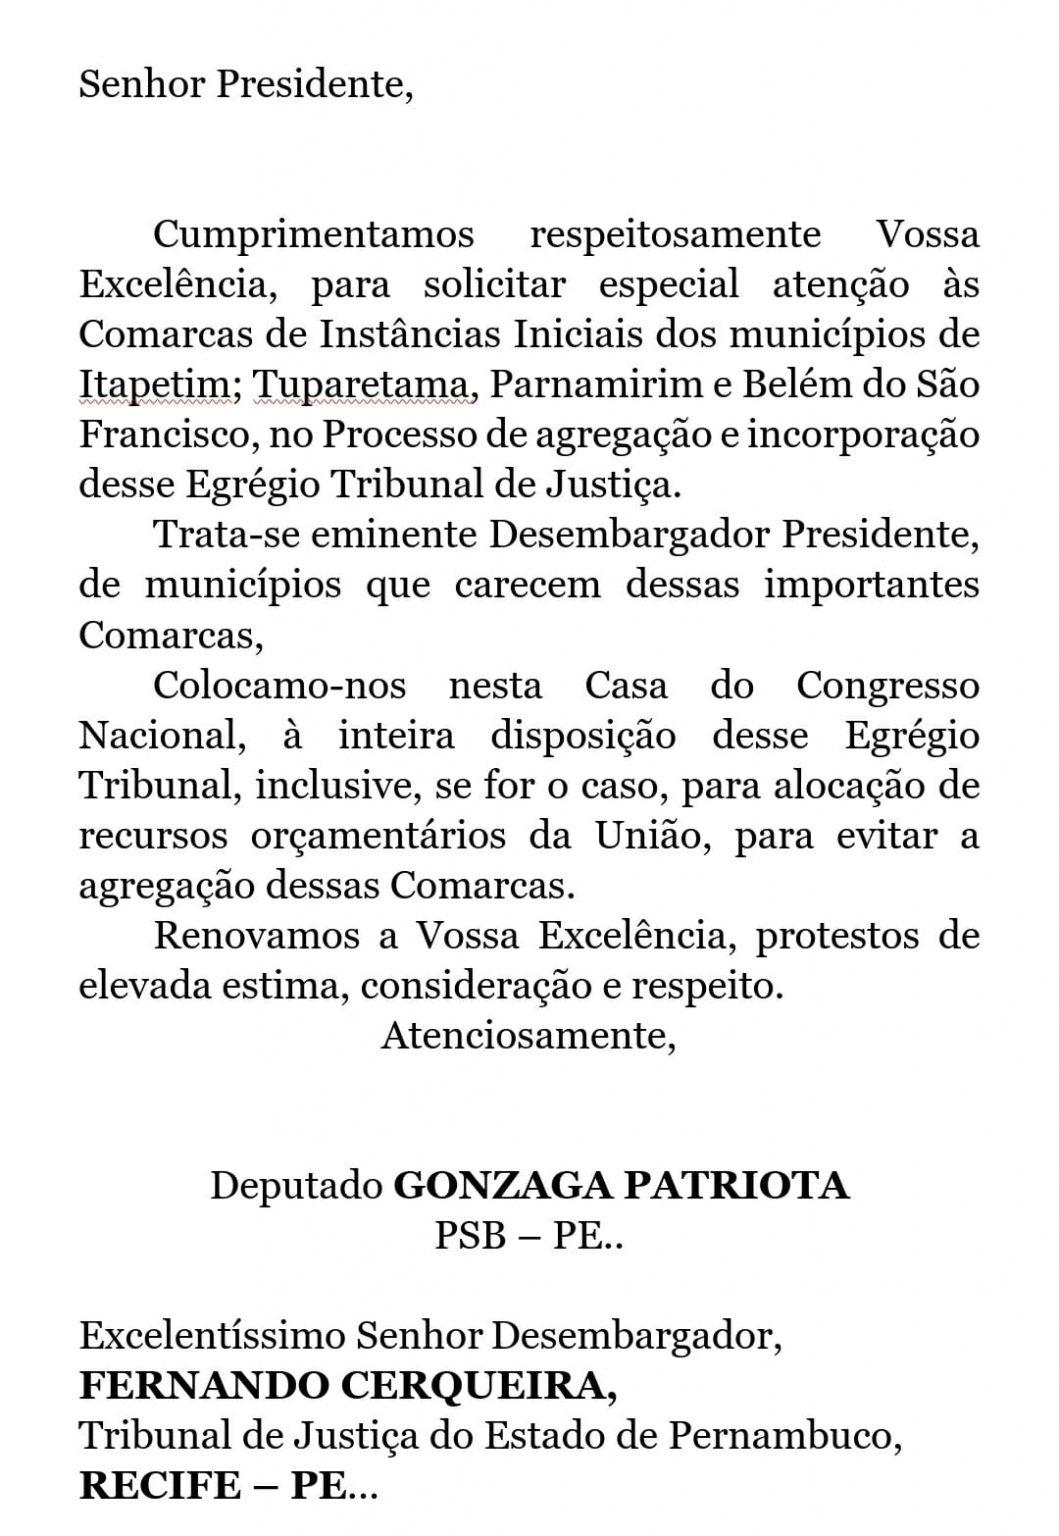 Gonzaga Patriota lamenta decisão do TJPE de fechar 43 Comarcas